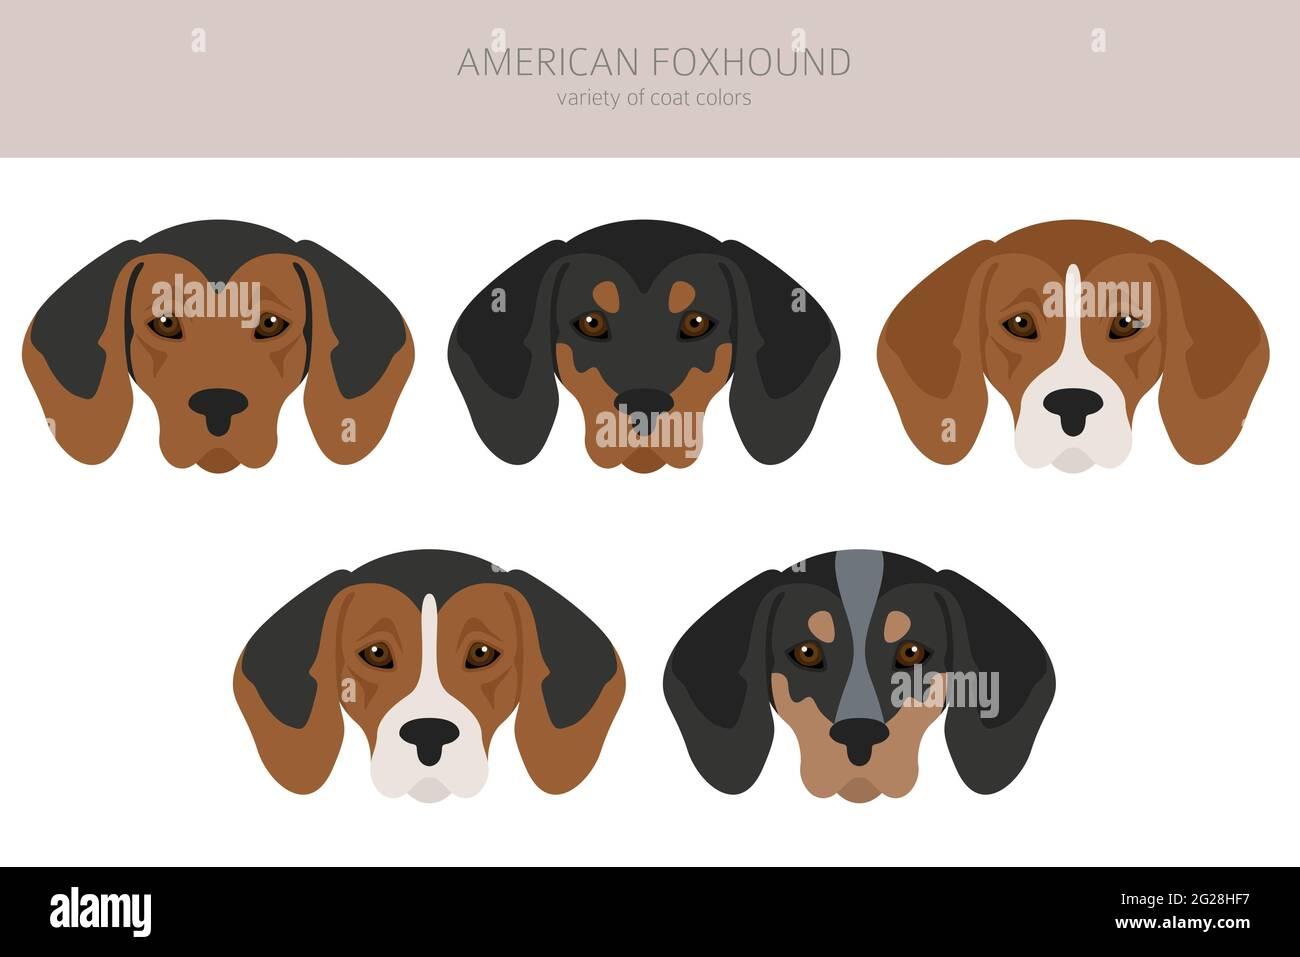 Américain foxliard toutes couleurs clipart. Différentes couleurs de pelage. Illustration vectorielle Illustration de Vecteur